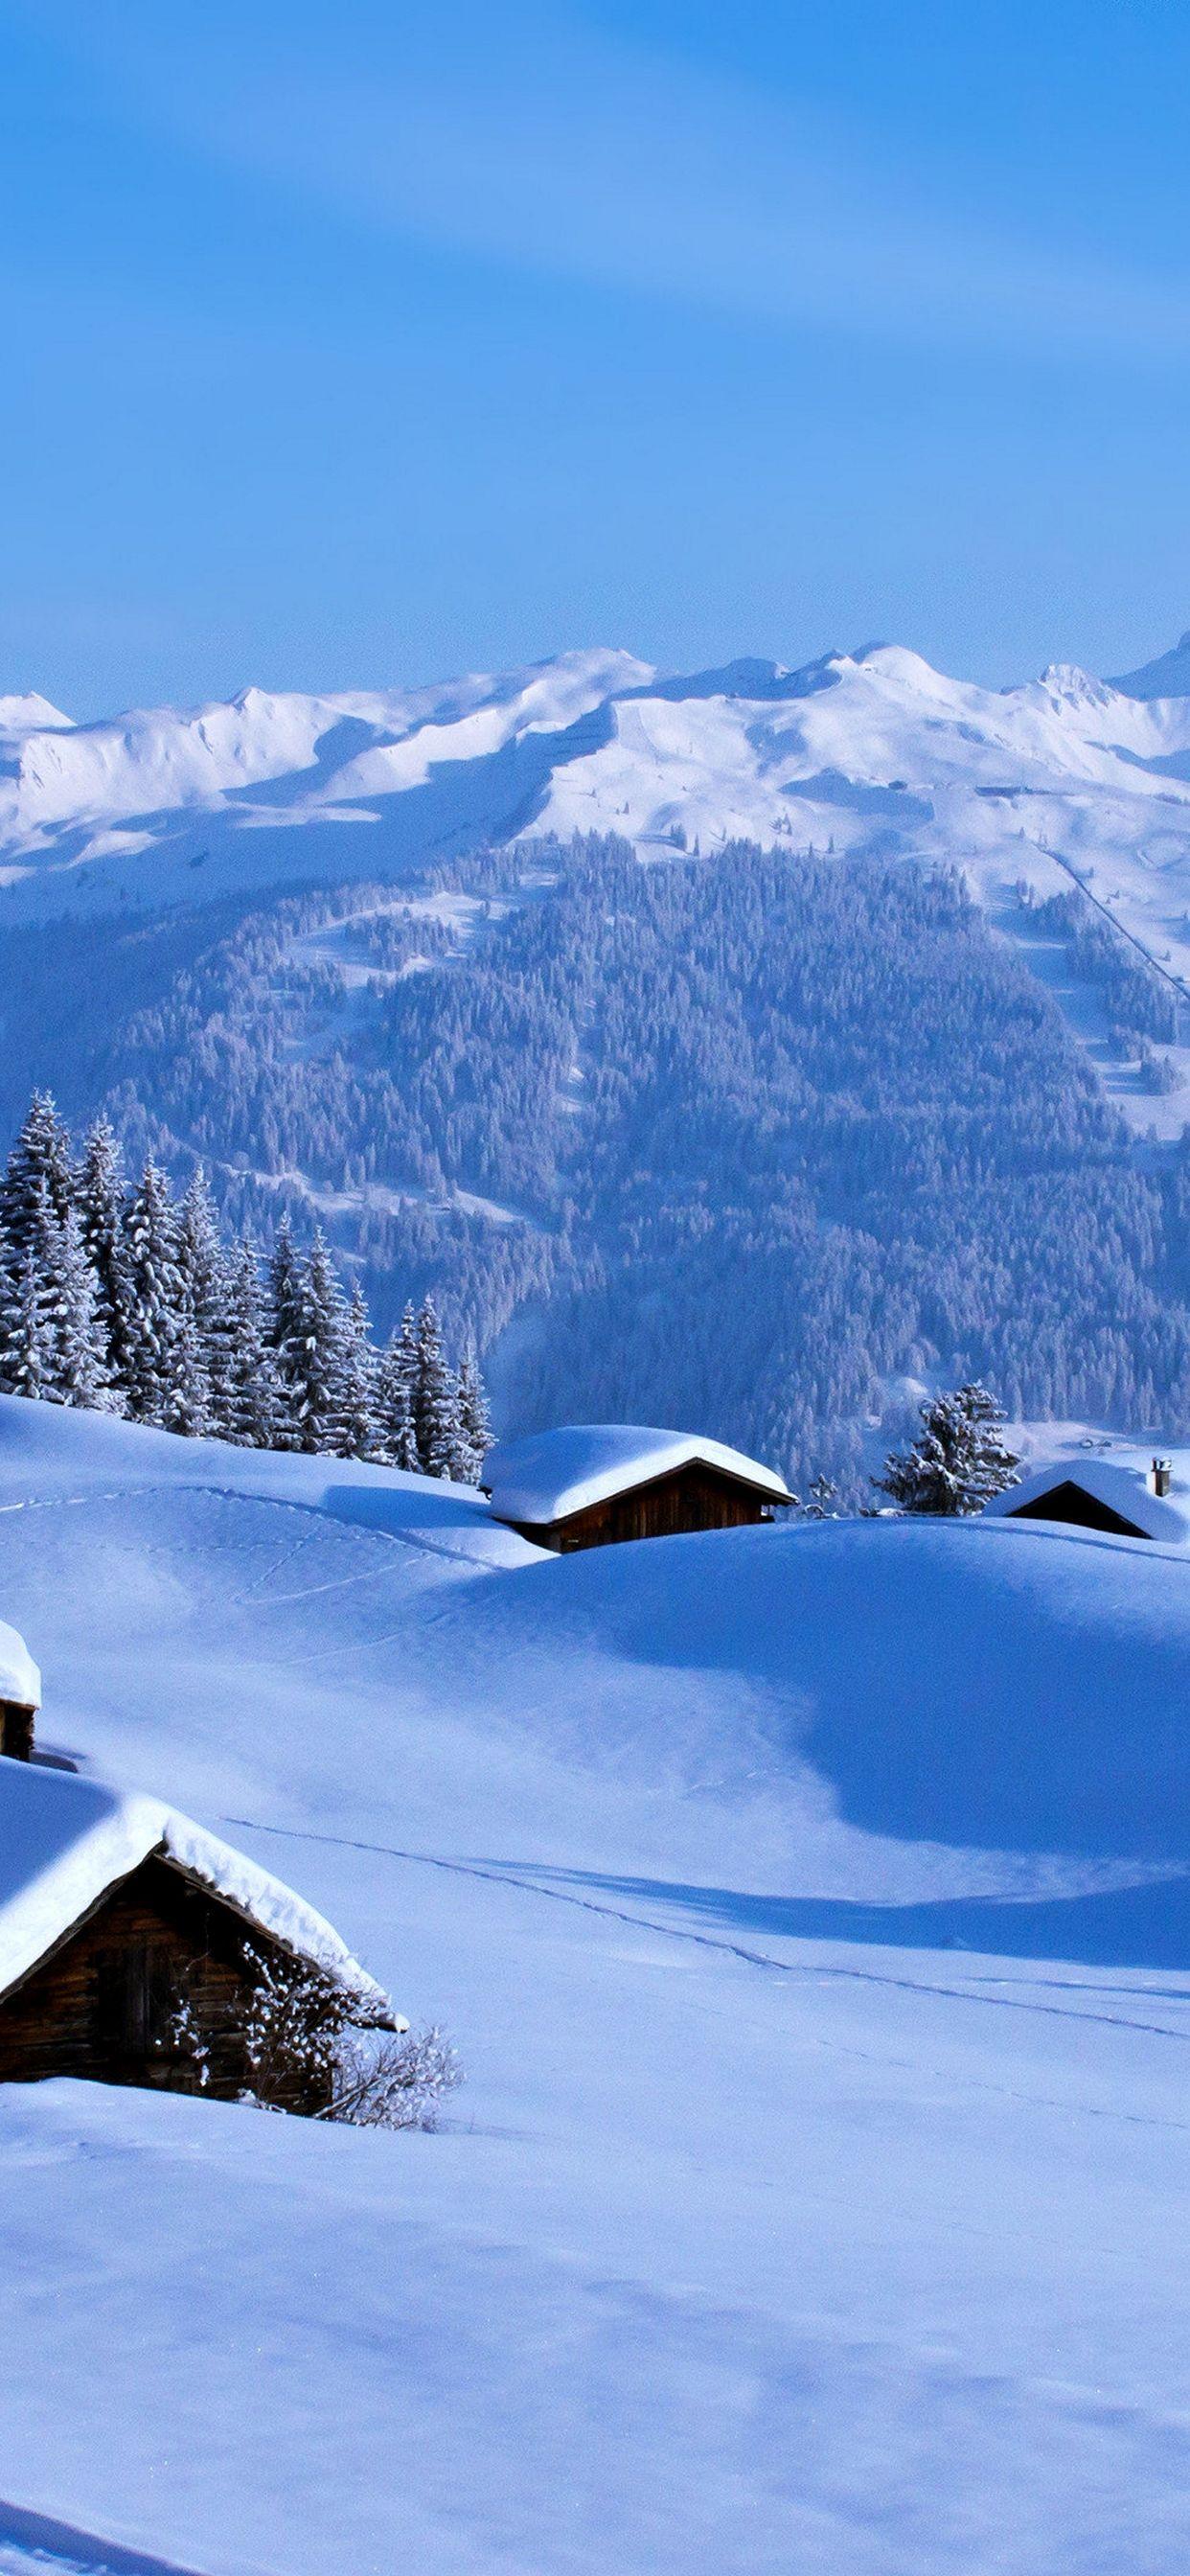 Hình nền iPhone XS Max thiên nhiên mùa đông